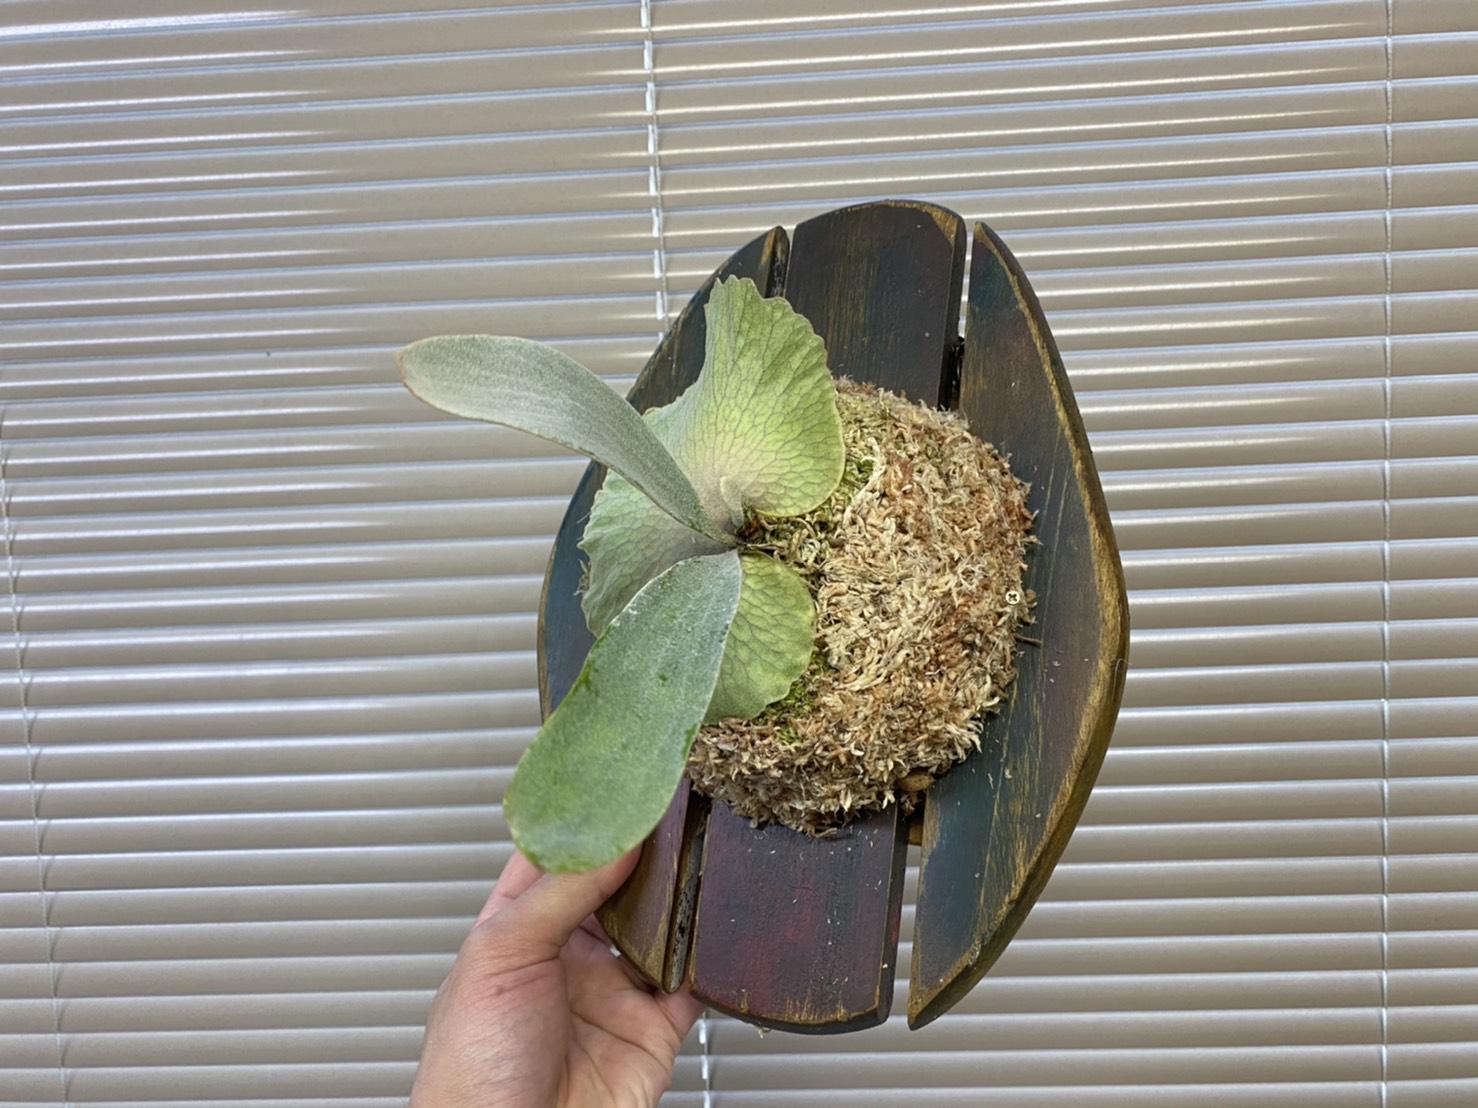 IKEAのまな板が割れたら植物付けてみない?